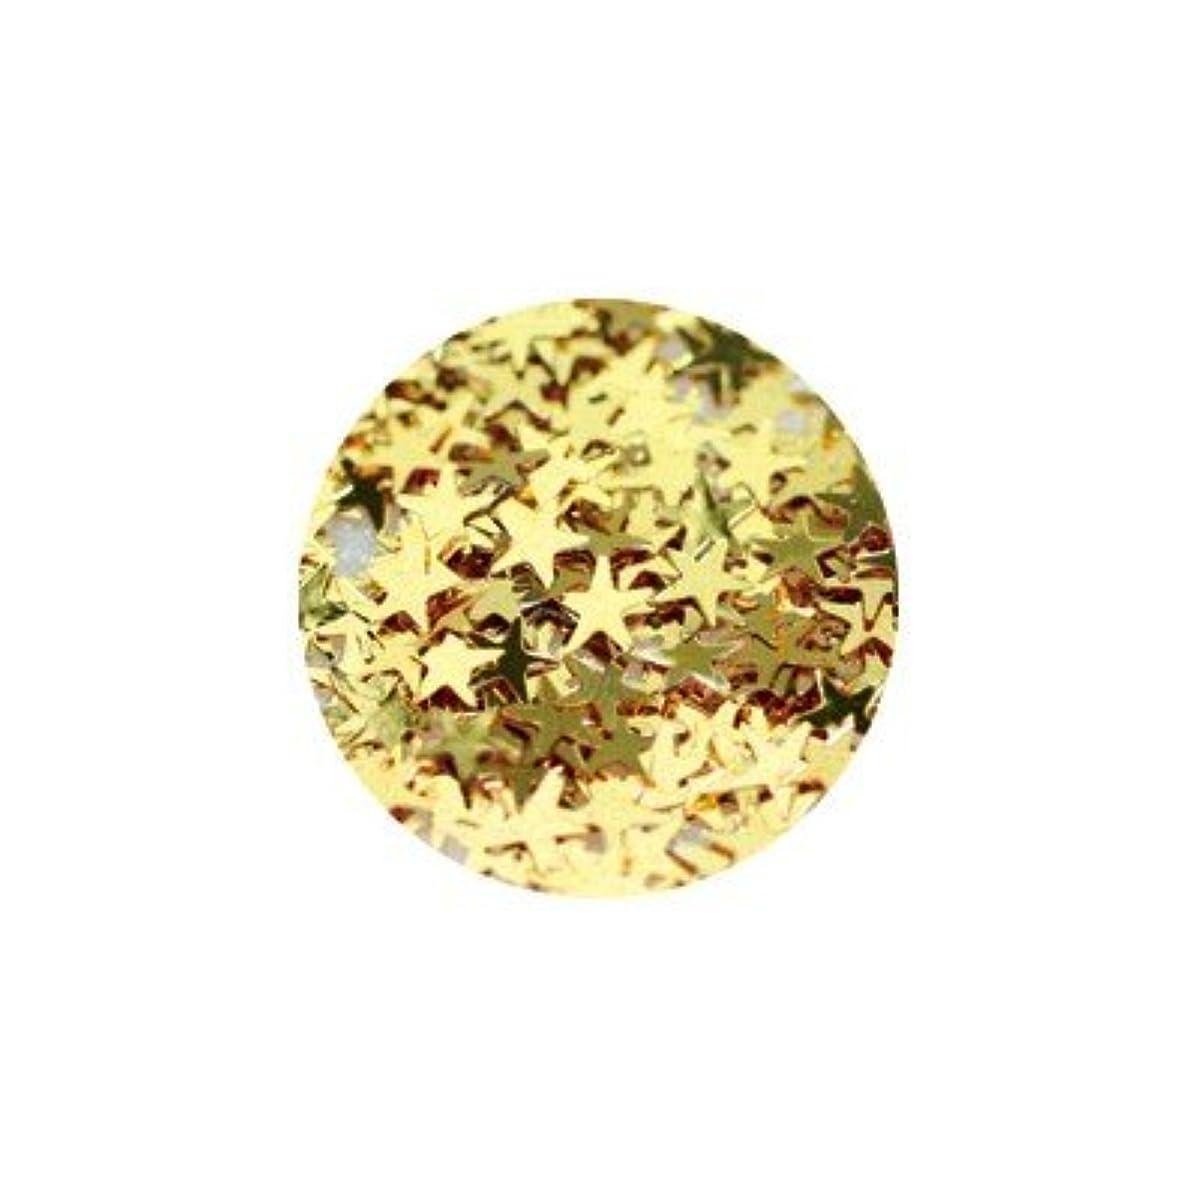 寄稿者近傍観察するキラキラ ゴールド スター 2.5mm